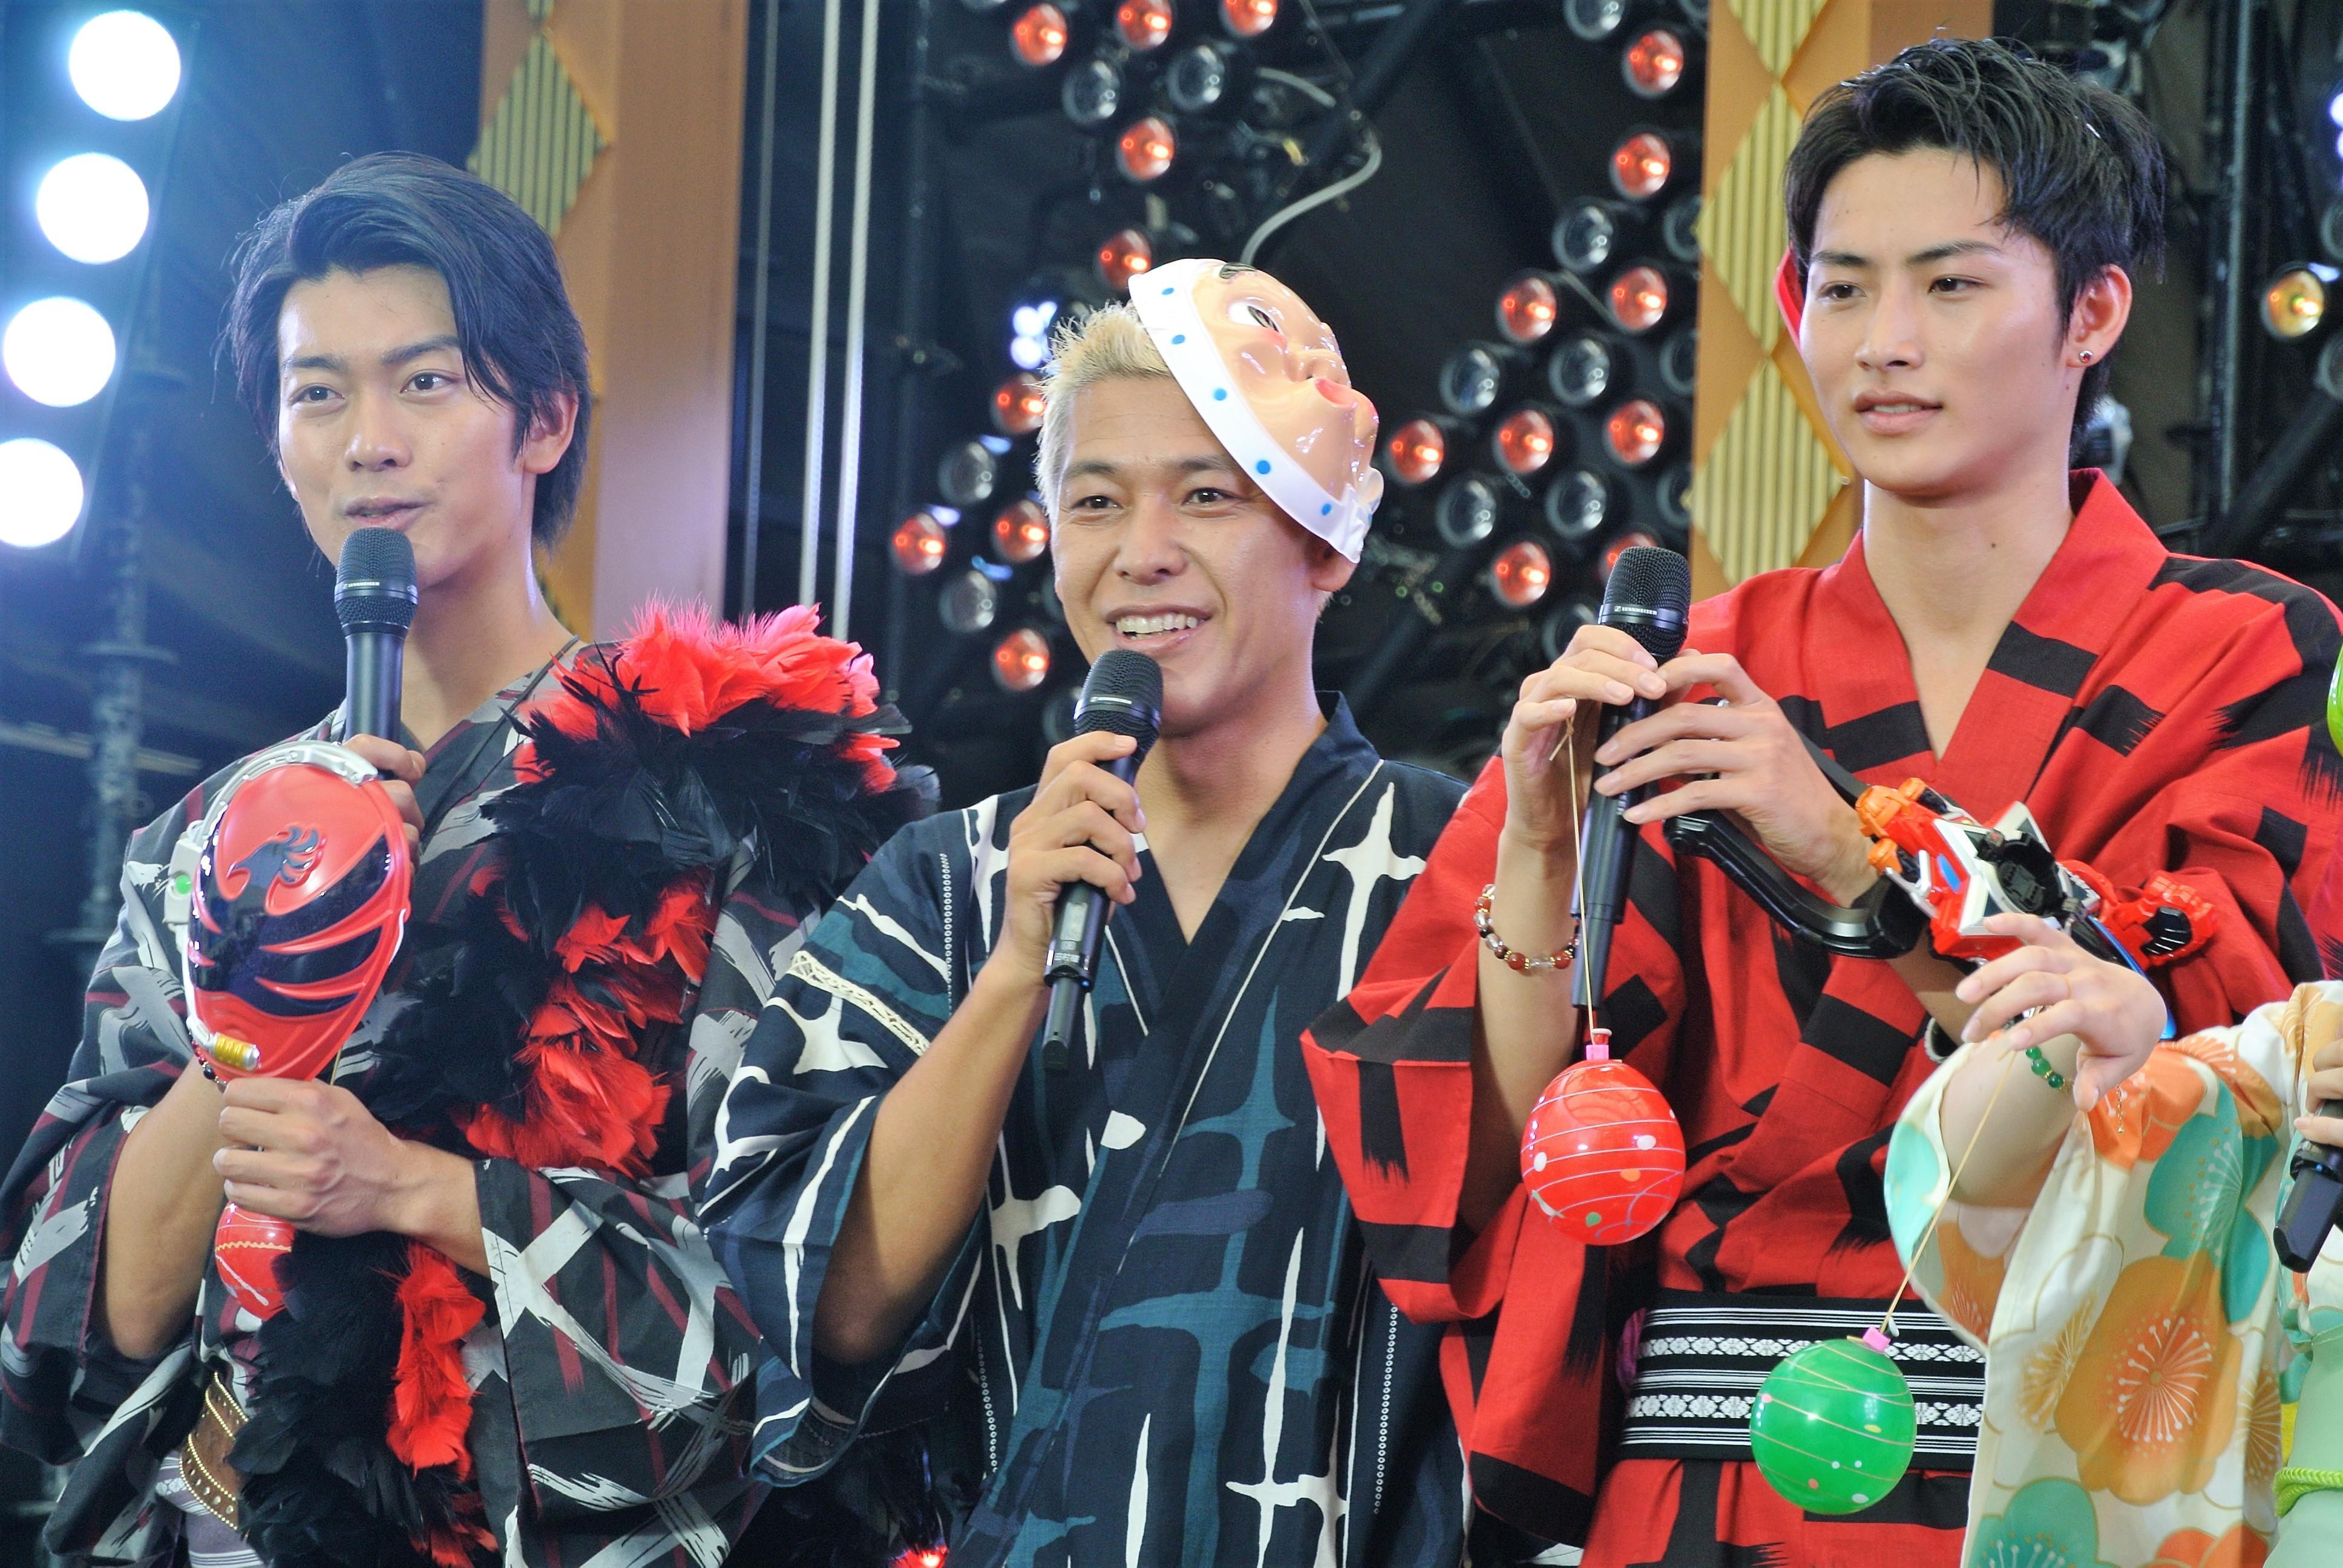 http://news.yoshimoto.co.jp/20170731175529-f3a513b05c0d434b05bb754a1db2145ddb490d53.jpg